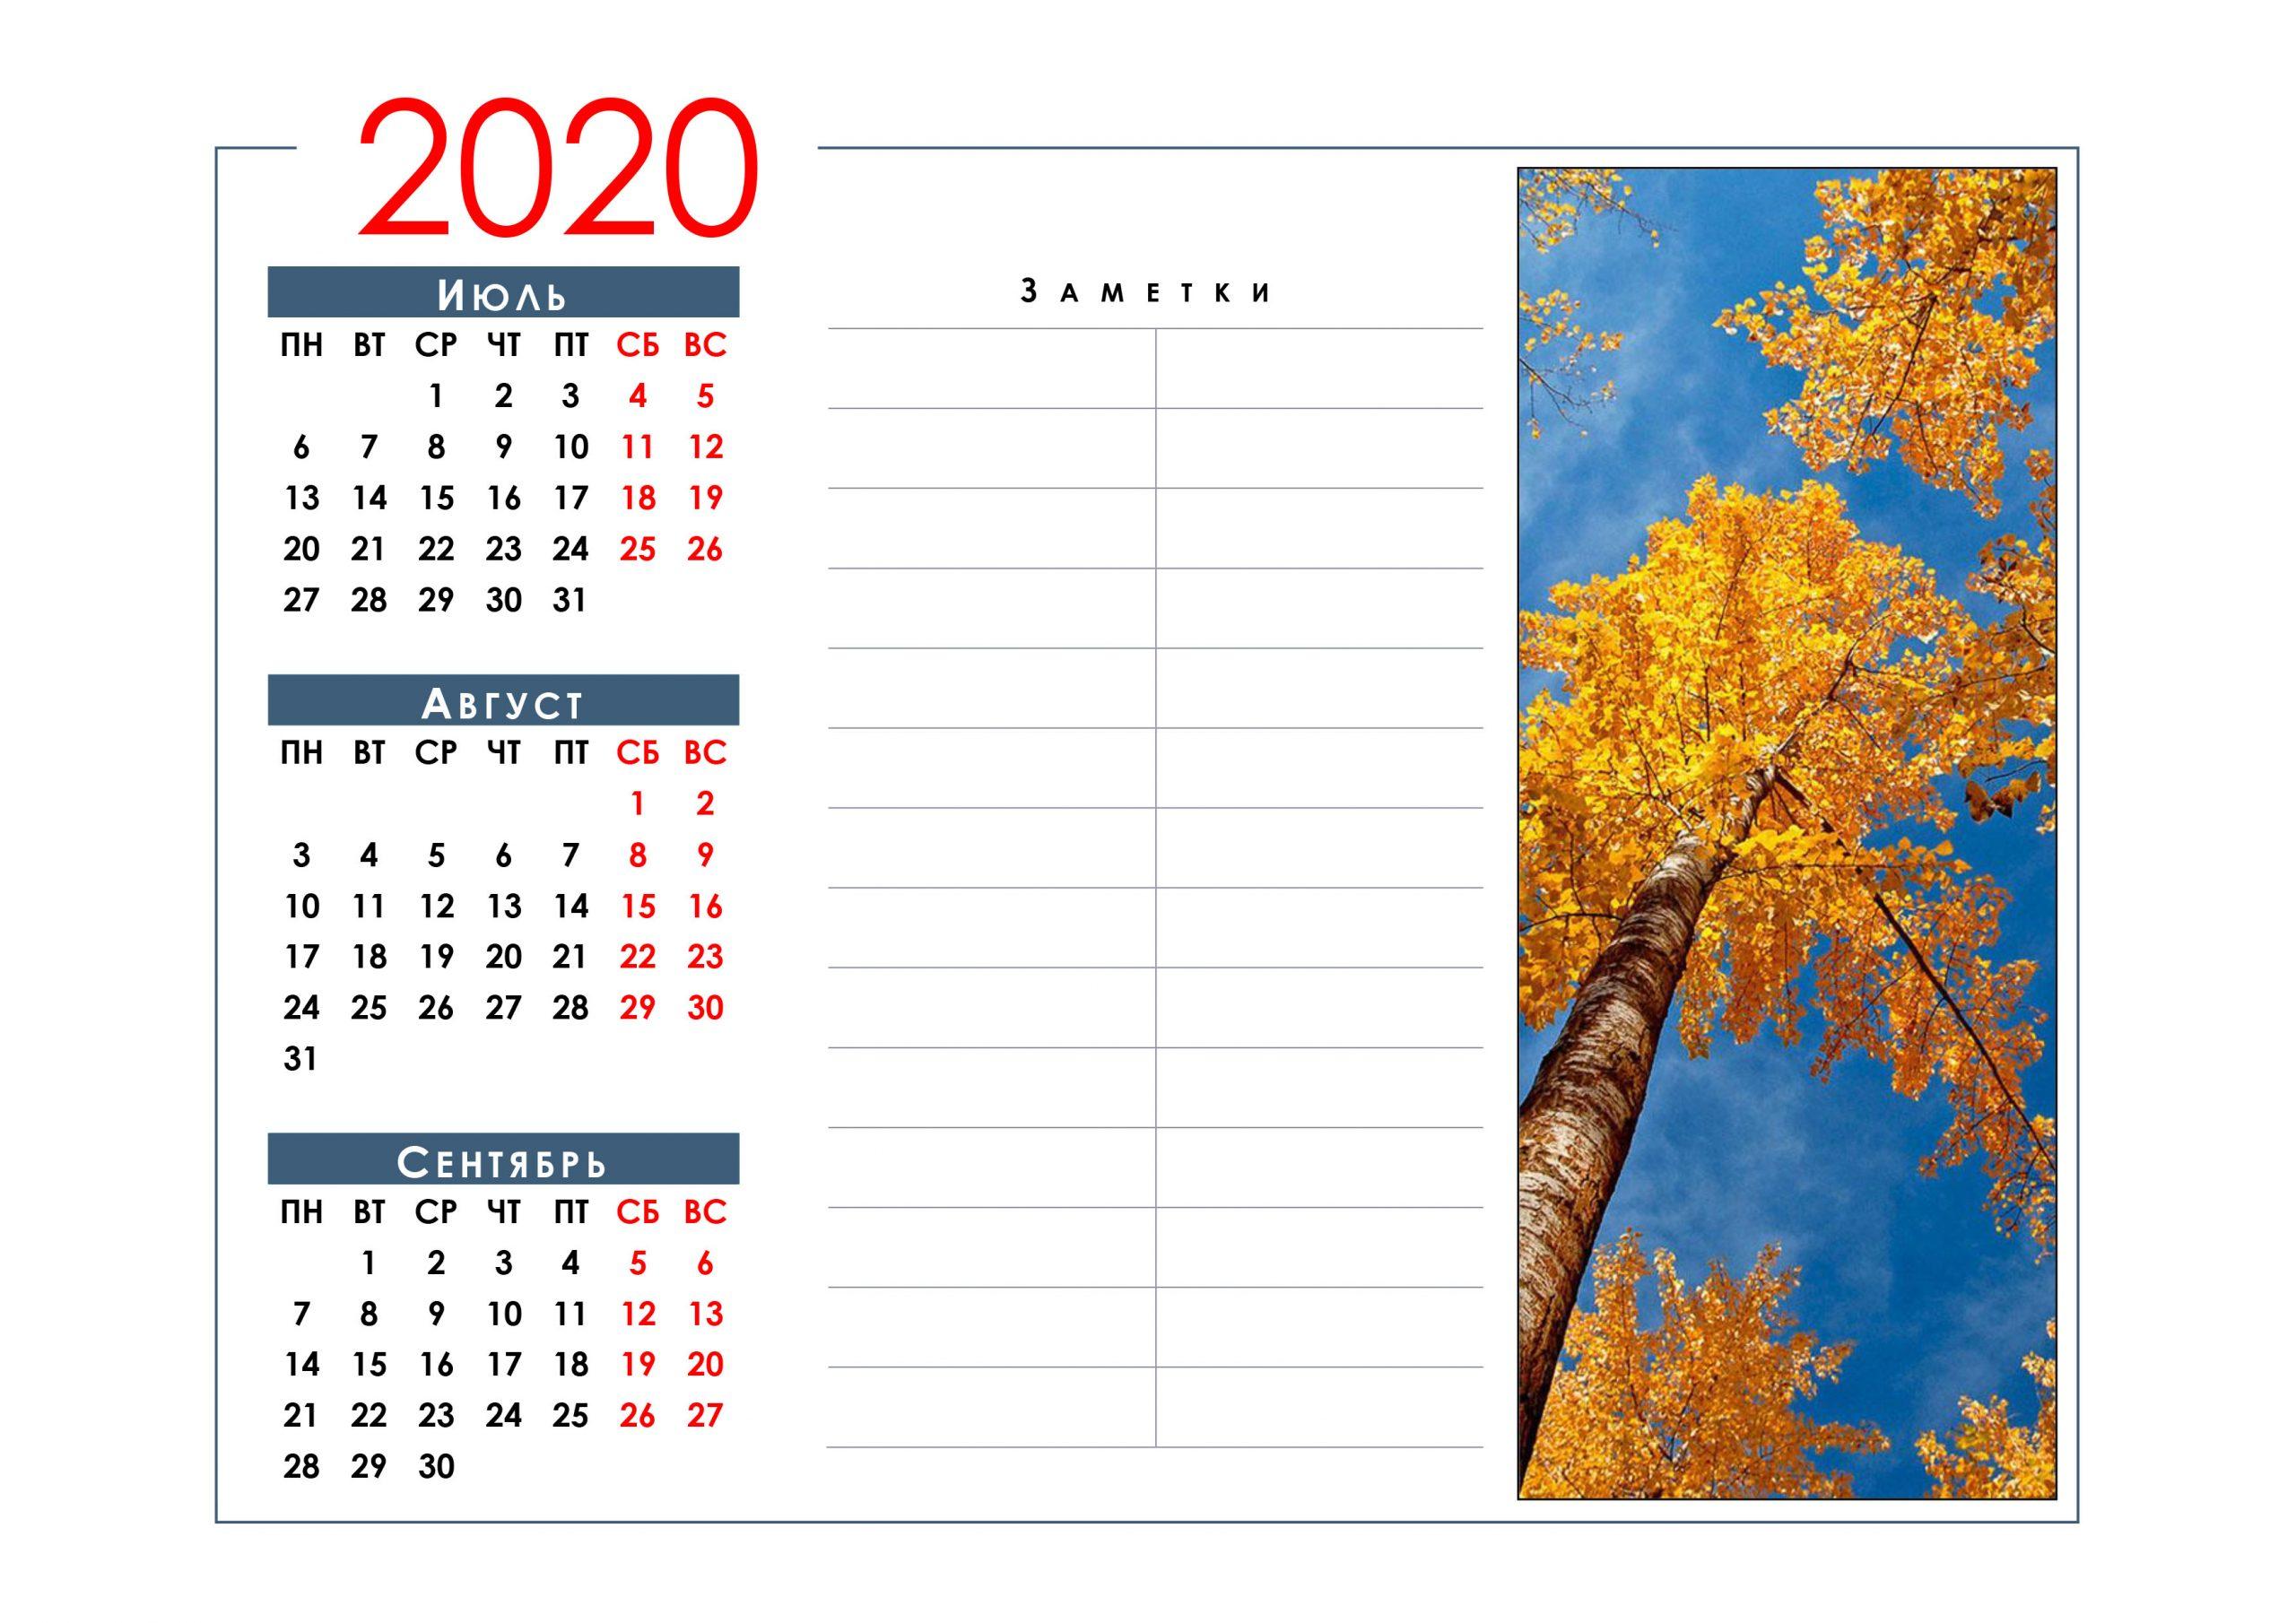 Календарь На Июль, Август, Сентябрь 2020: Скачать И